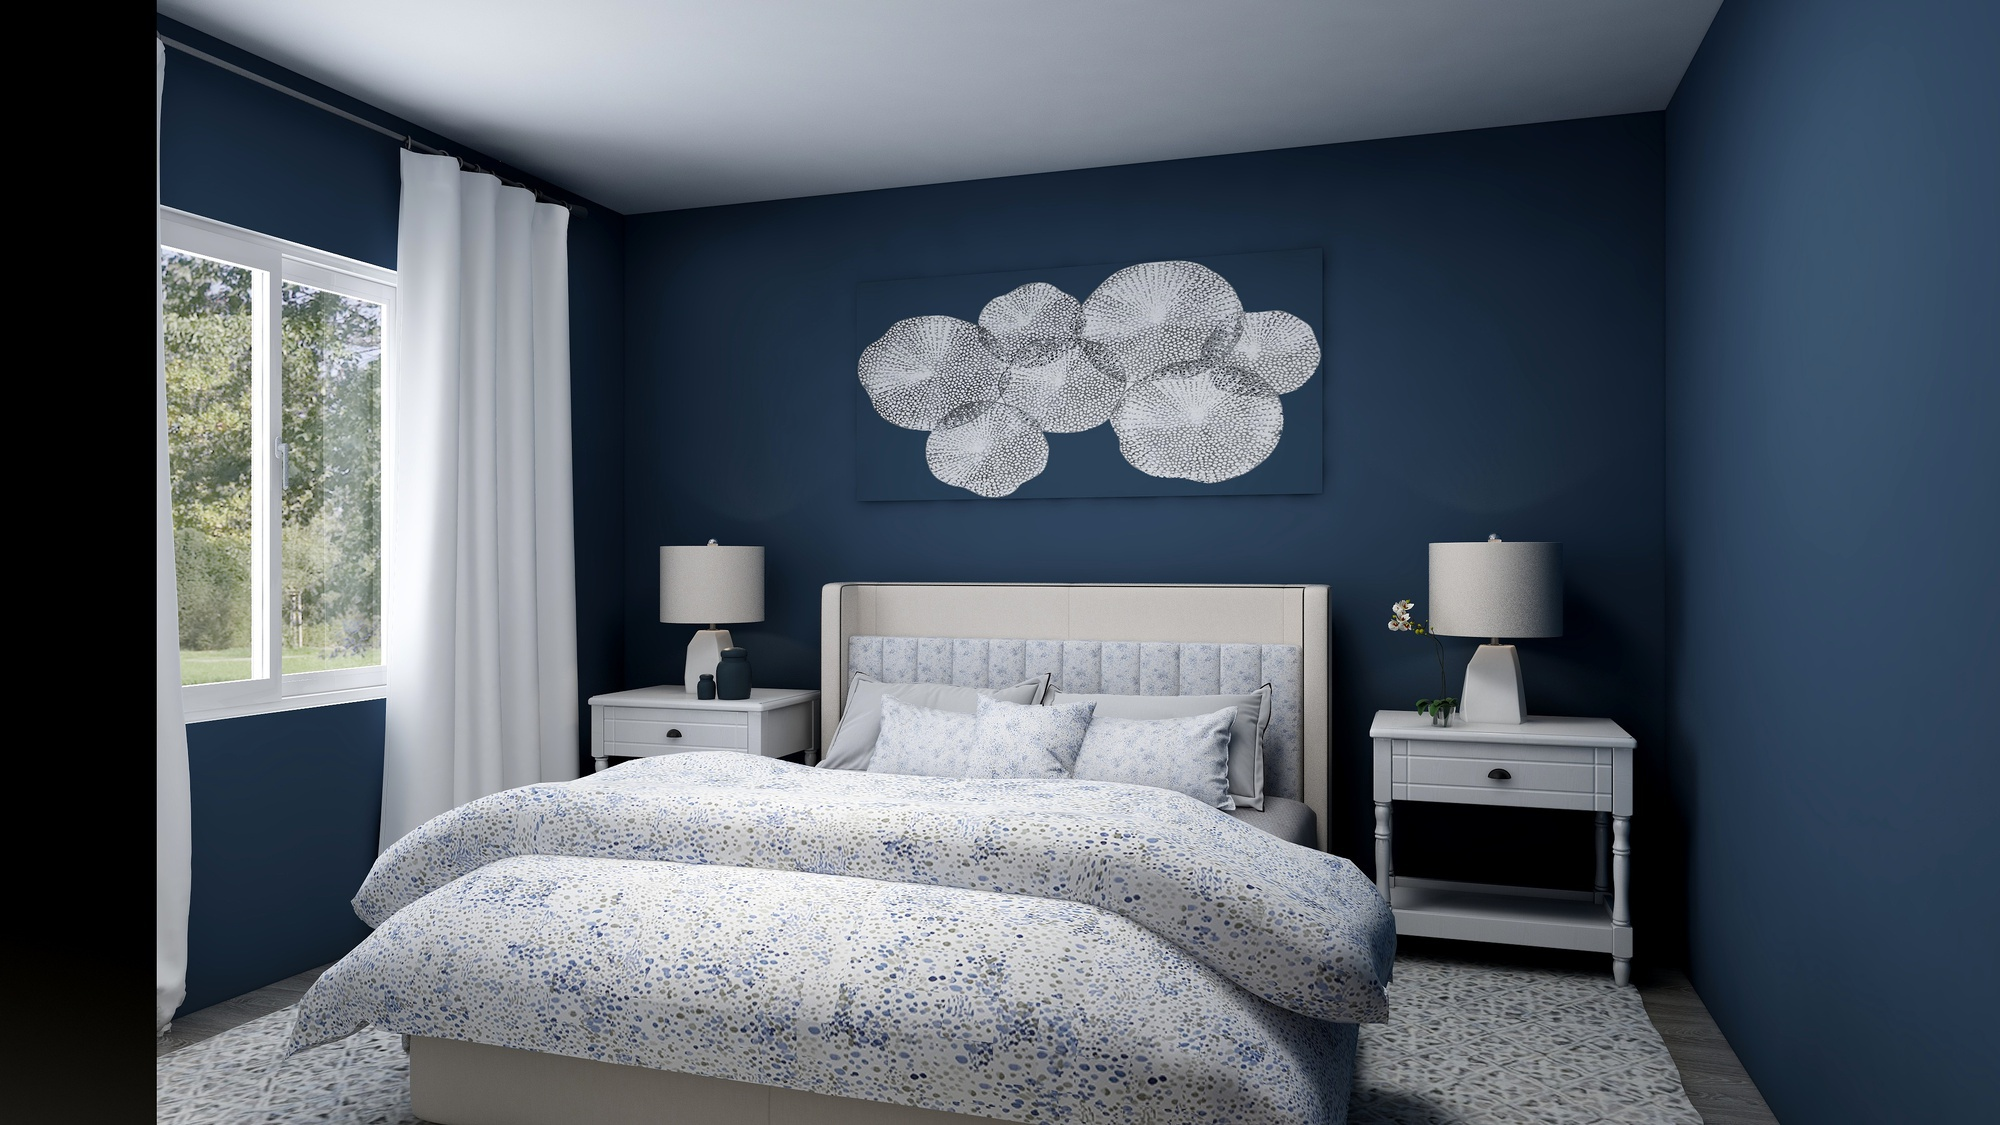 Bedroom_Refresh_Render_1590512832459.jpg